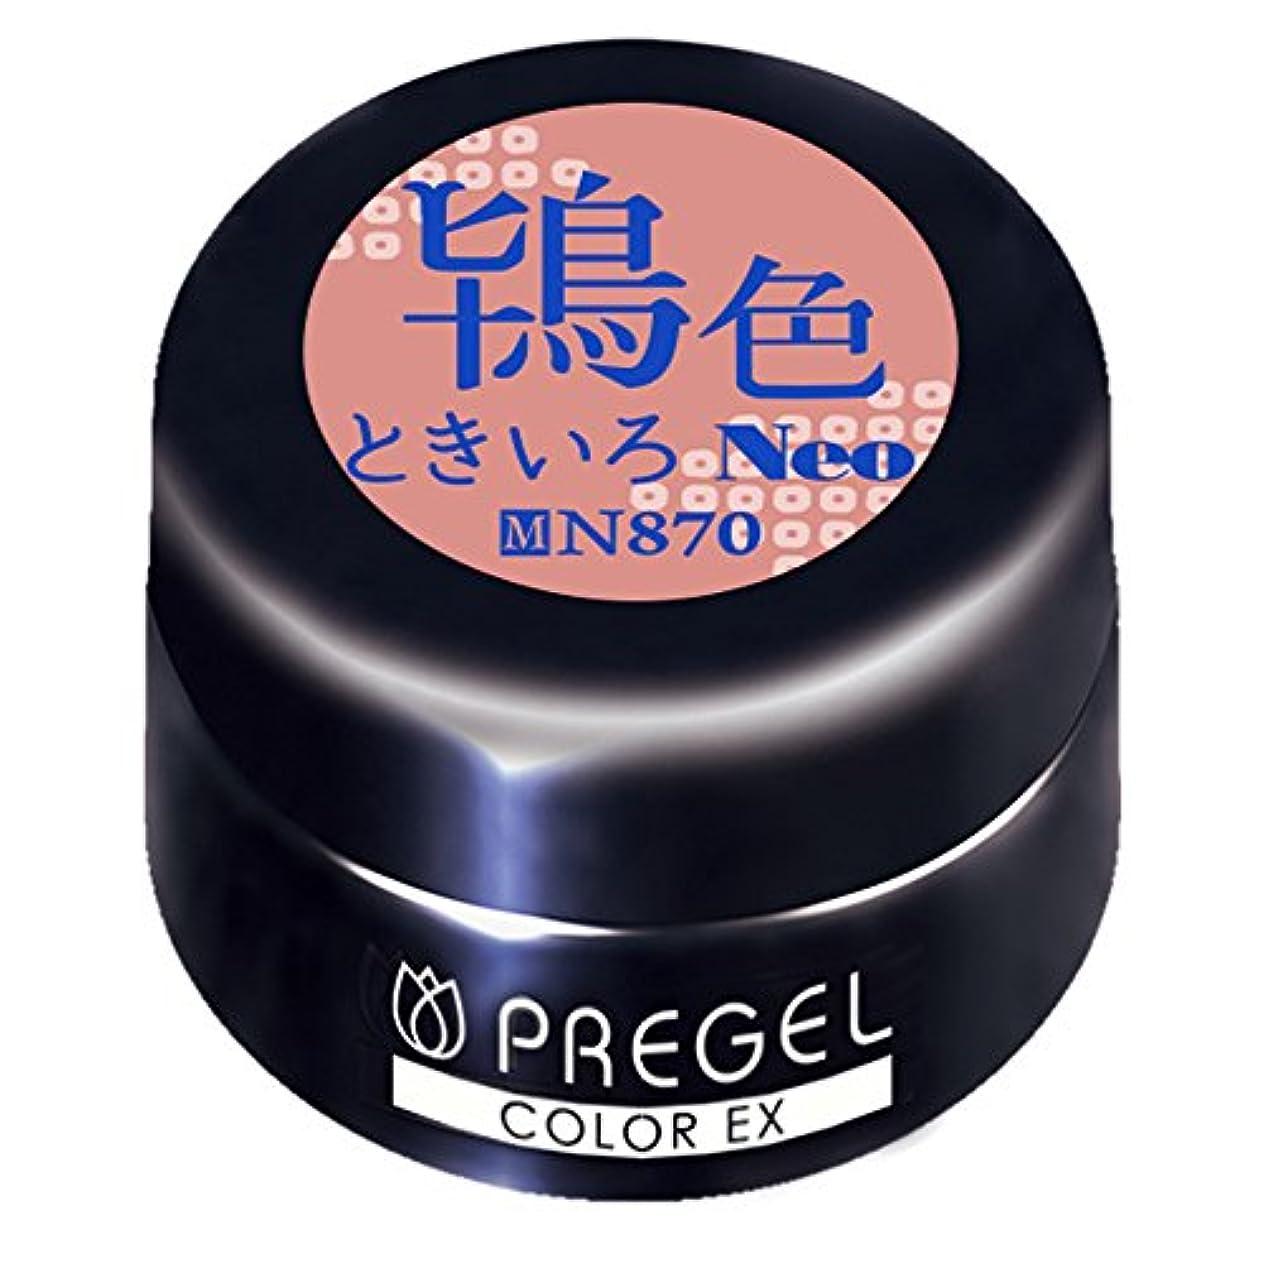 描く無限大ようこそPRE GELカラーEX 鴇色(ときいろ)neo 3g PG-CEN870